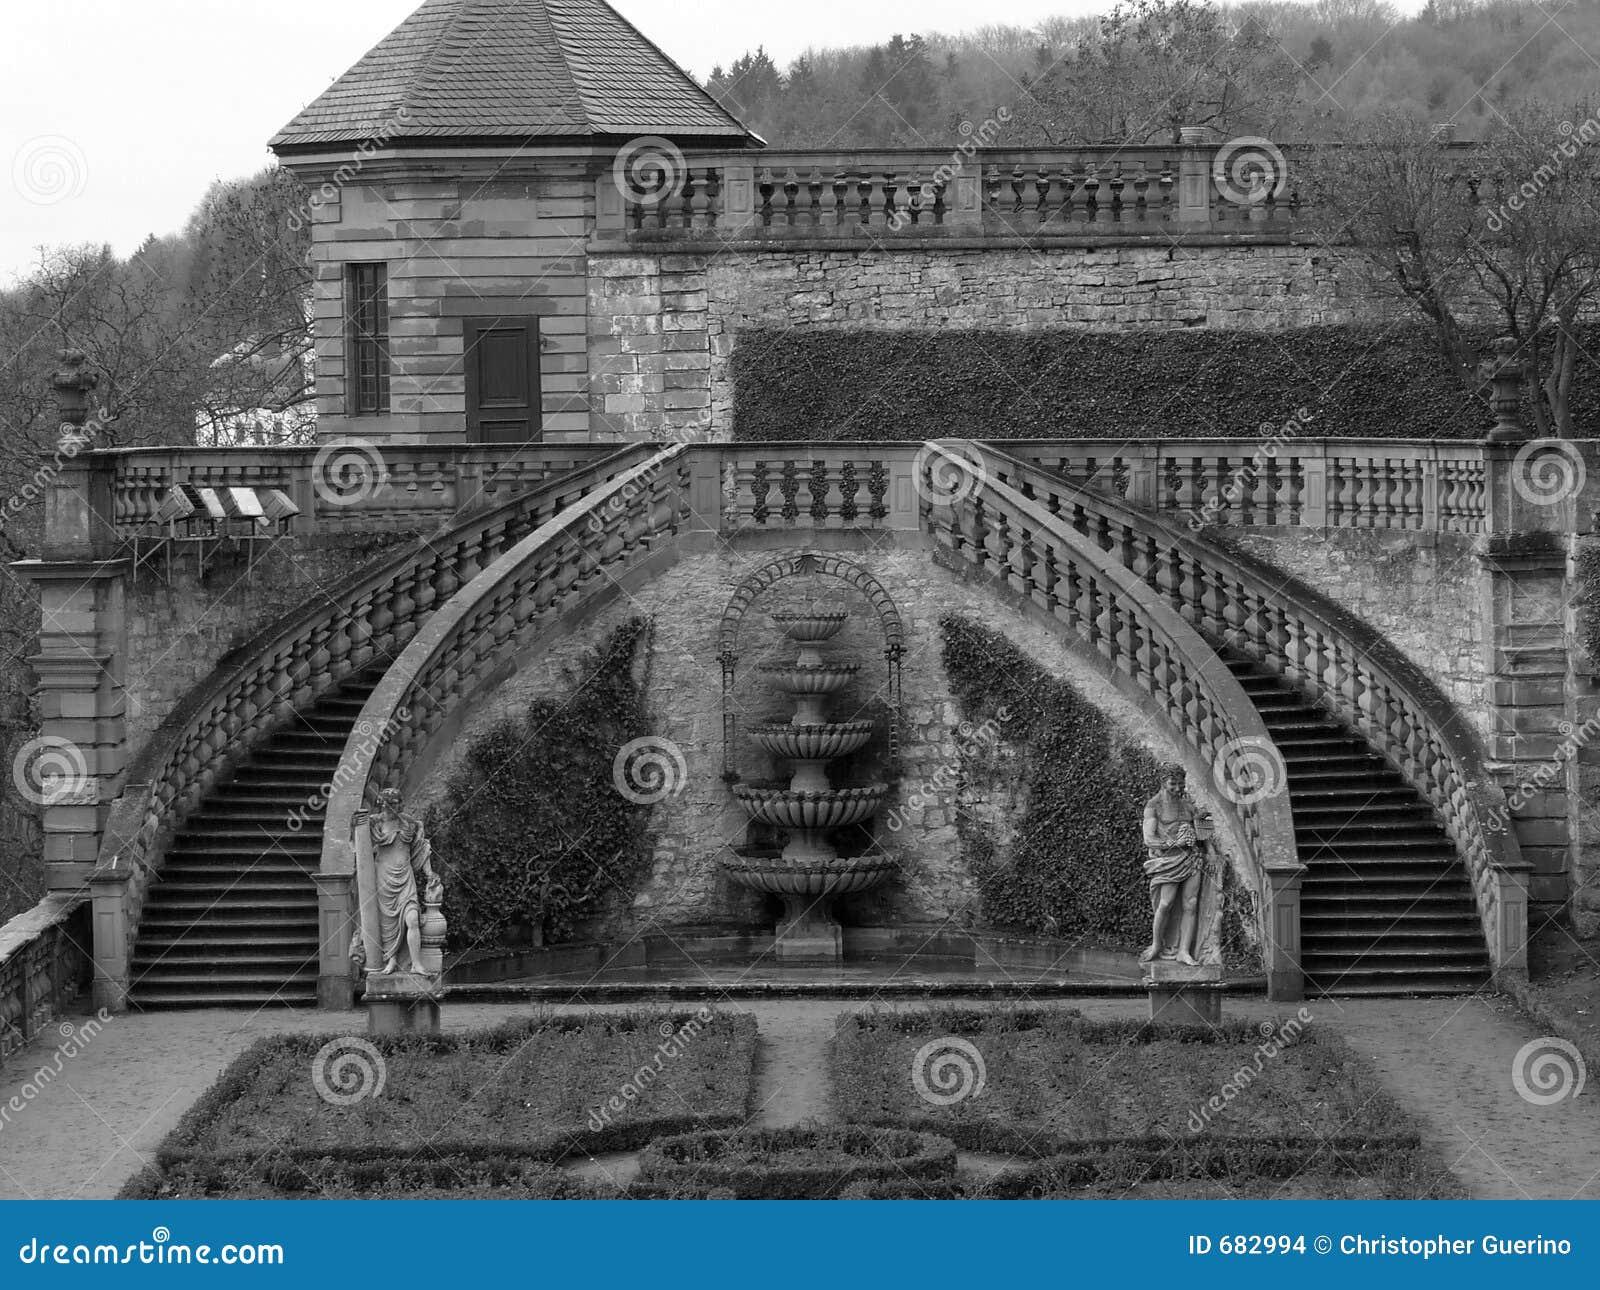 escada de pedra no jardim:Escadas de pedra consideravelmente simétricas no jardim do castelo de